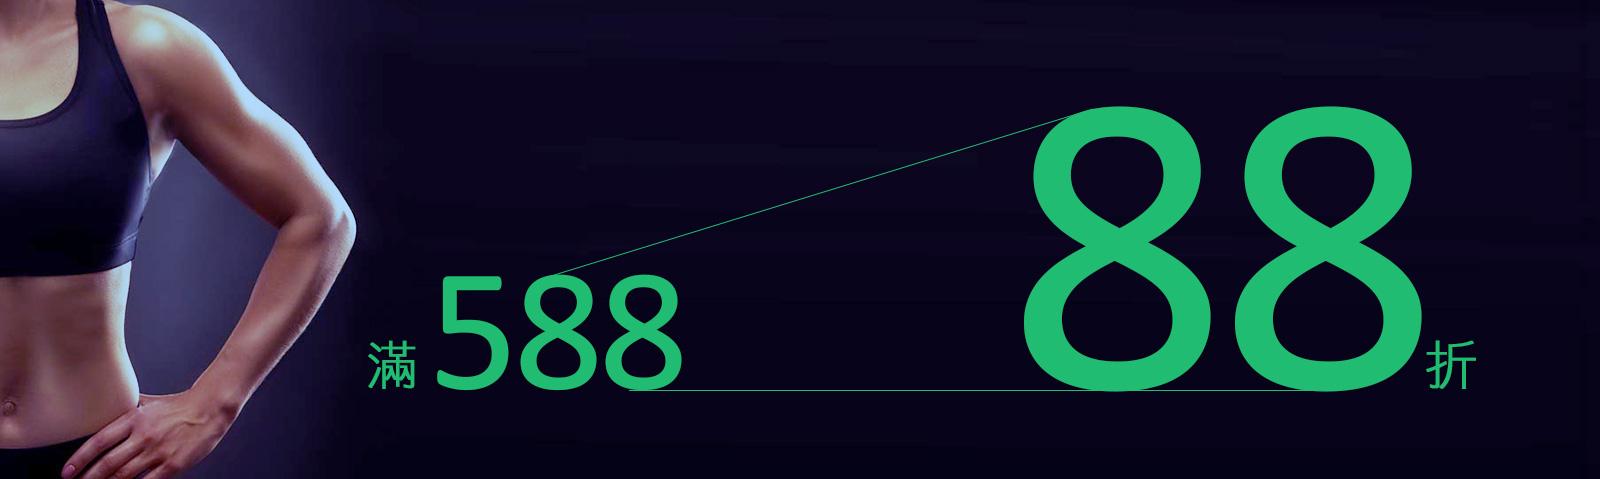 滿588享88折